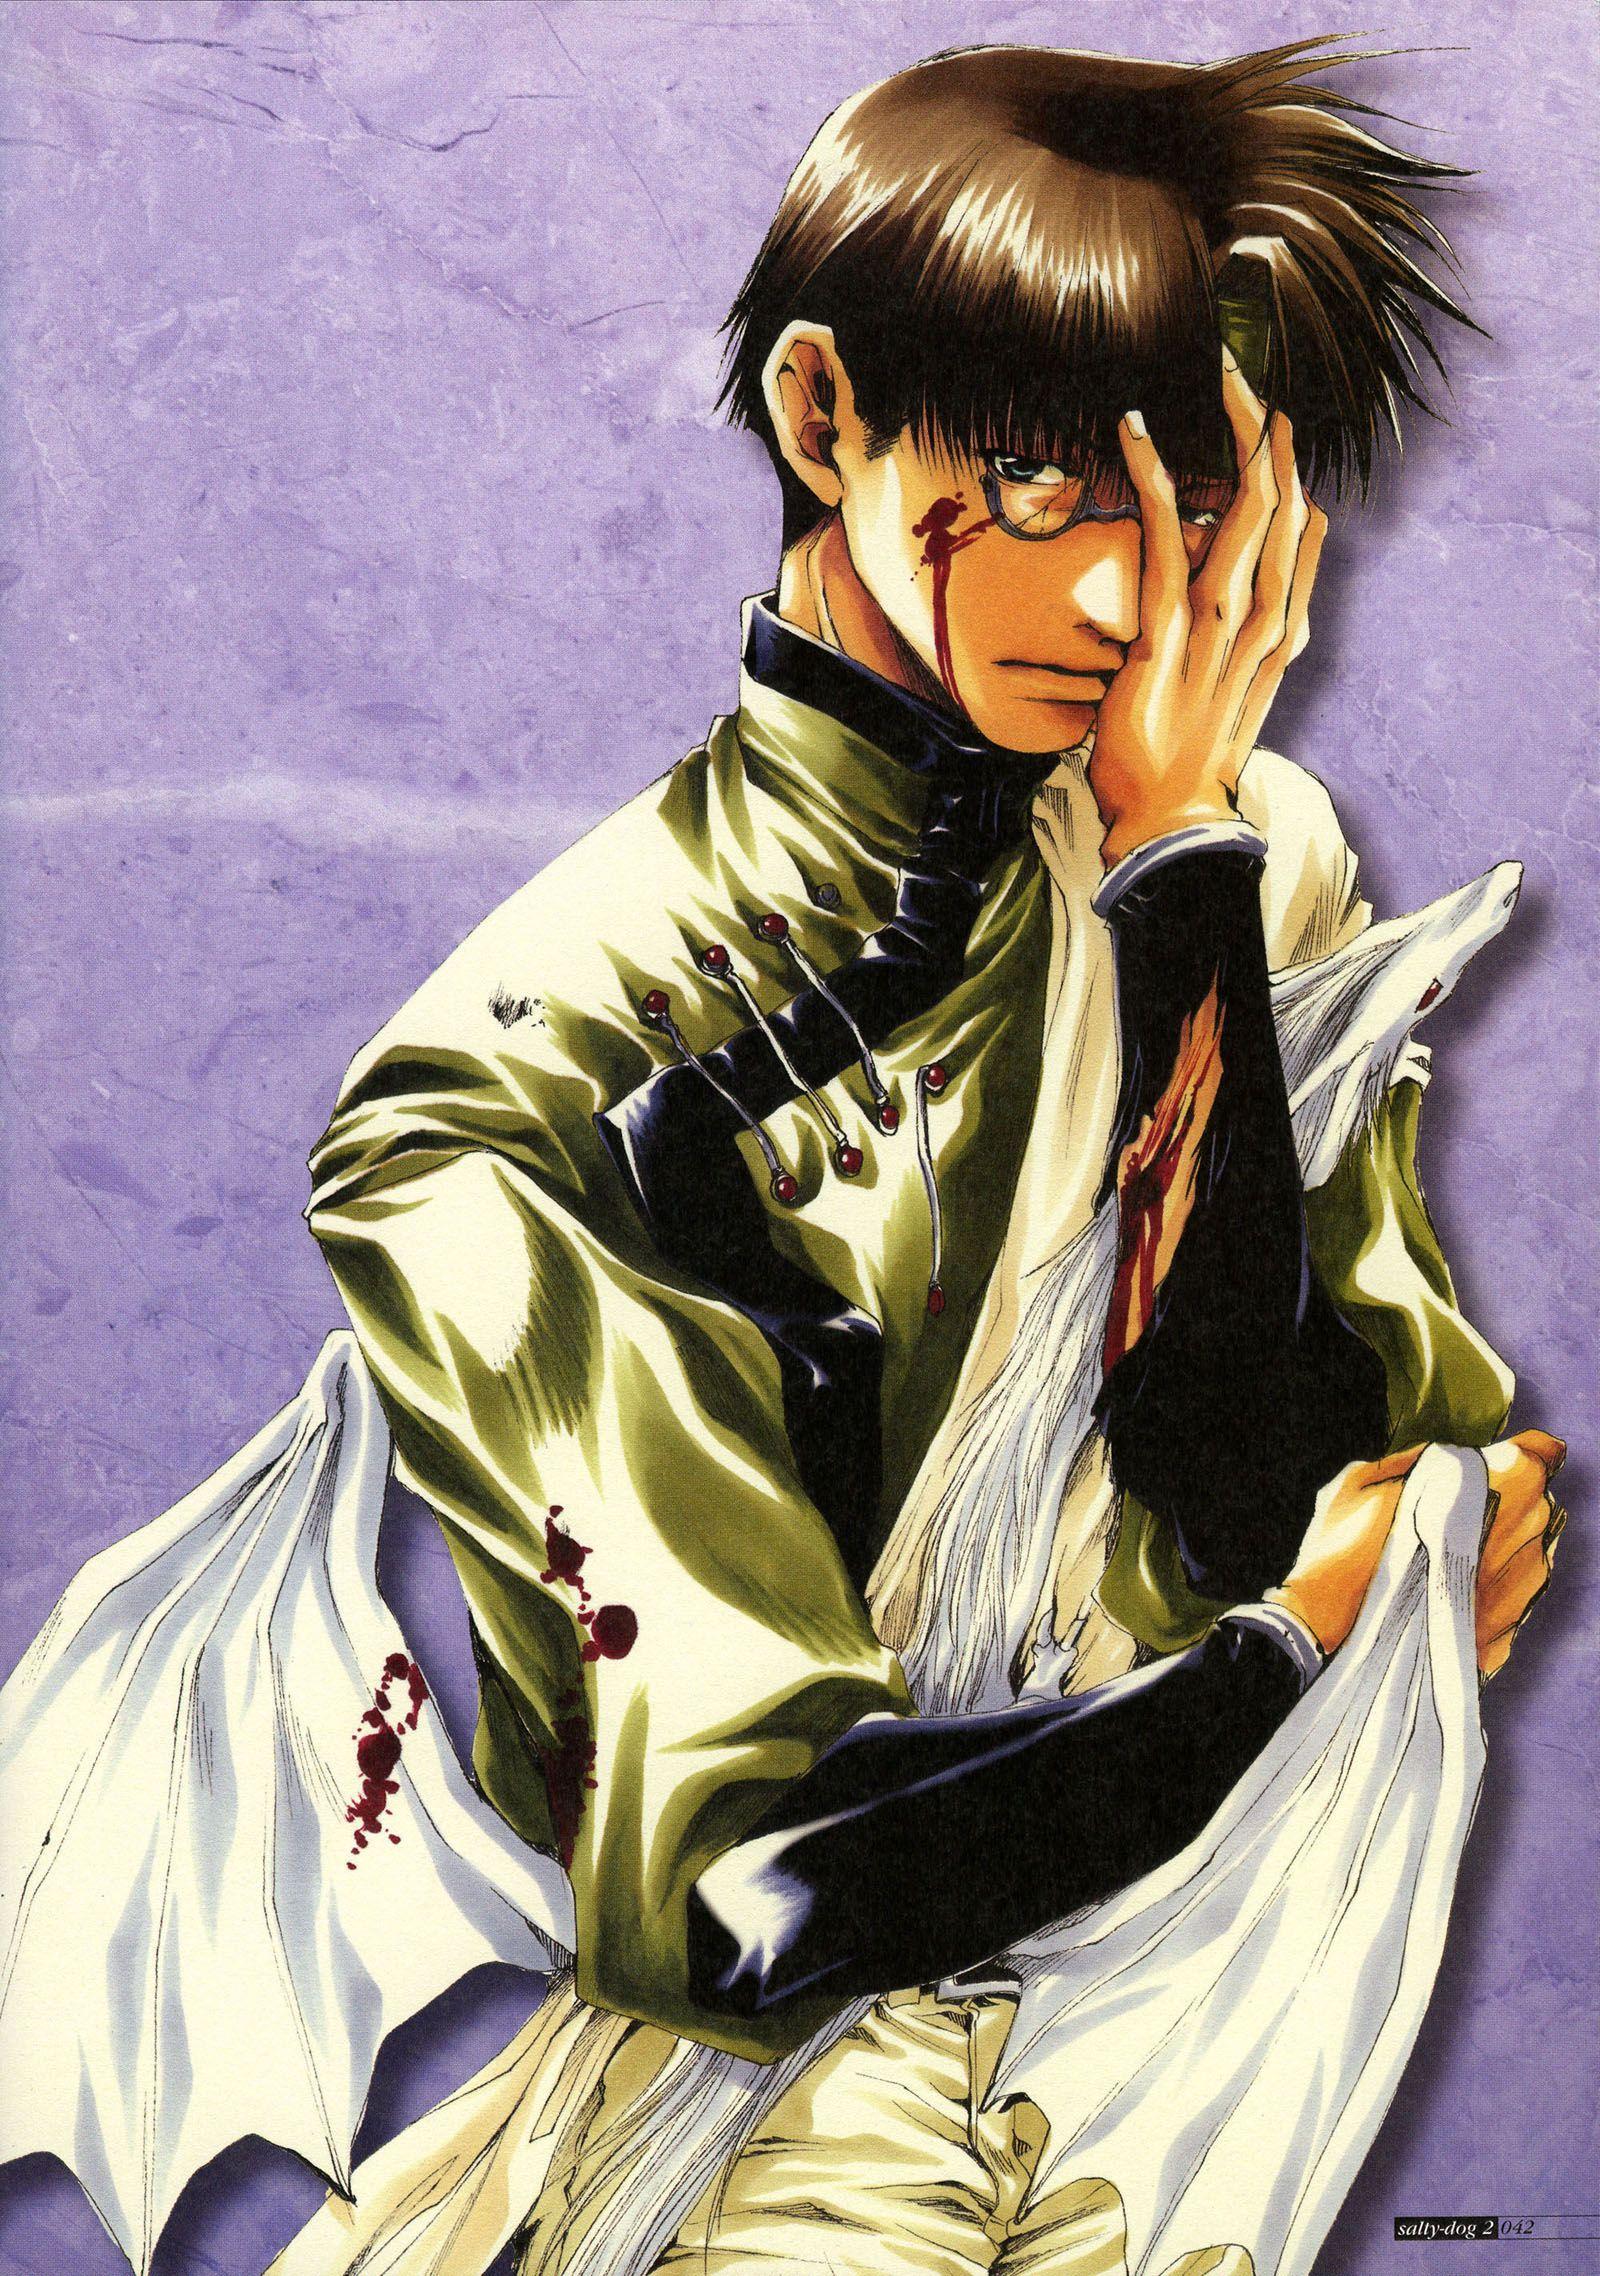 Kazuya Minekura, Studio Pierrot, Saiyuki, Salty Dog II